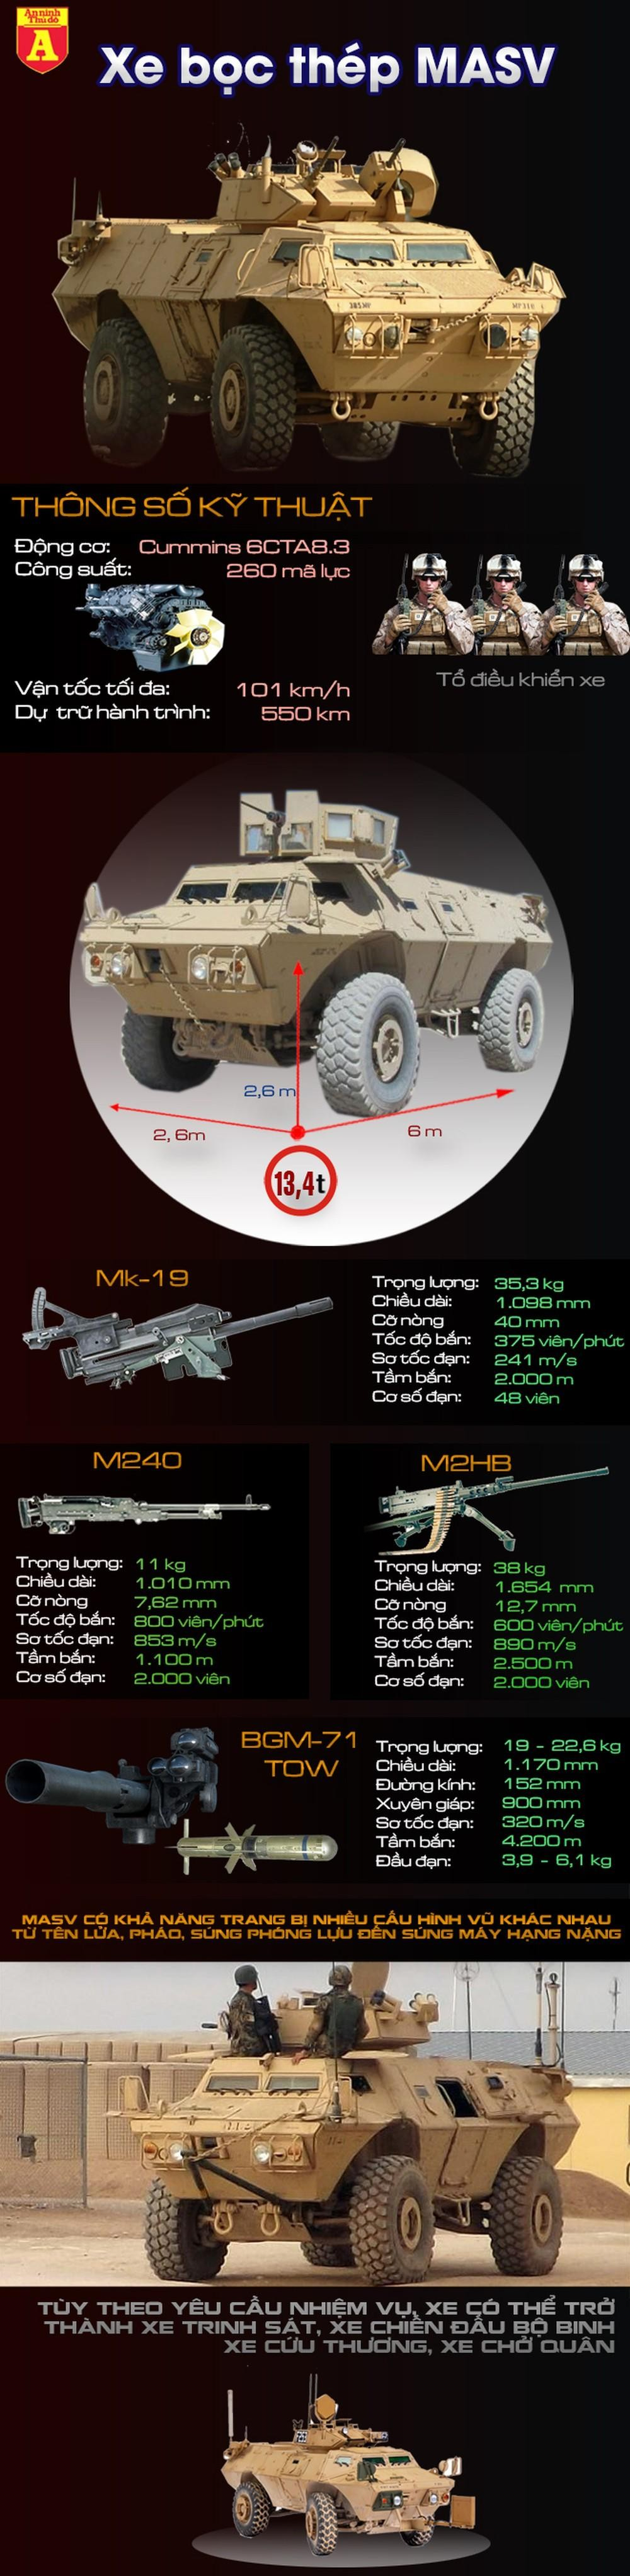 [Info] Lính Afghanistan giao nộp xe bọc thép cực mạnh từ Mỹ cho Taliban ảnh 2